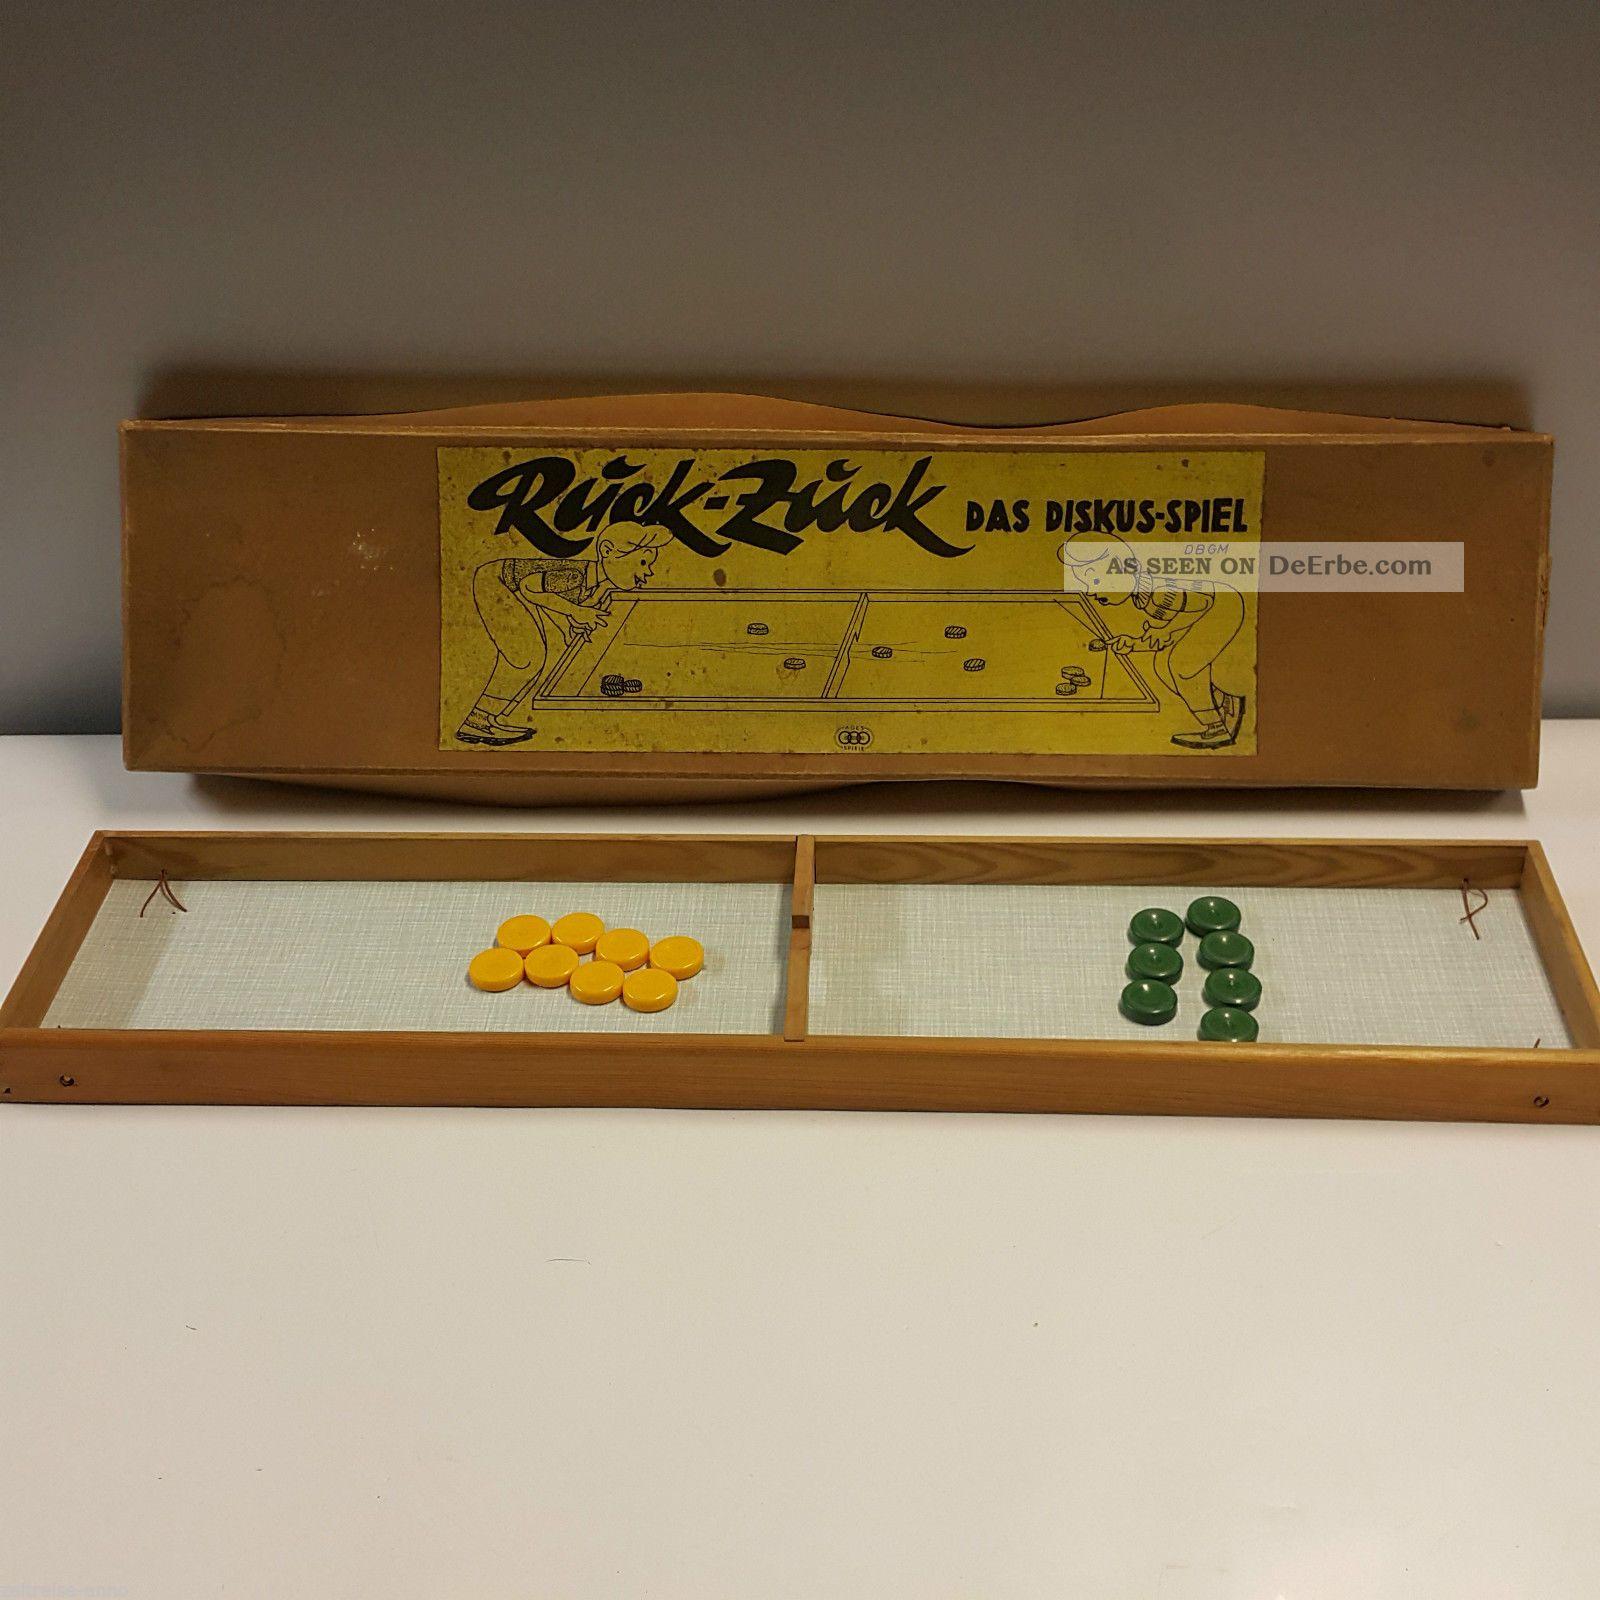 Ages Ruck Zuck Diskus Spiel Ddr 1950er Jahre Mit Ovp D.  B.  G.  M Alt Gefertigt nach 1945 Bild